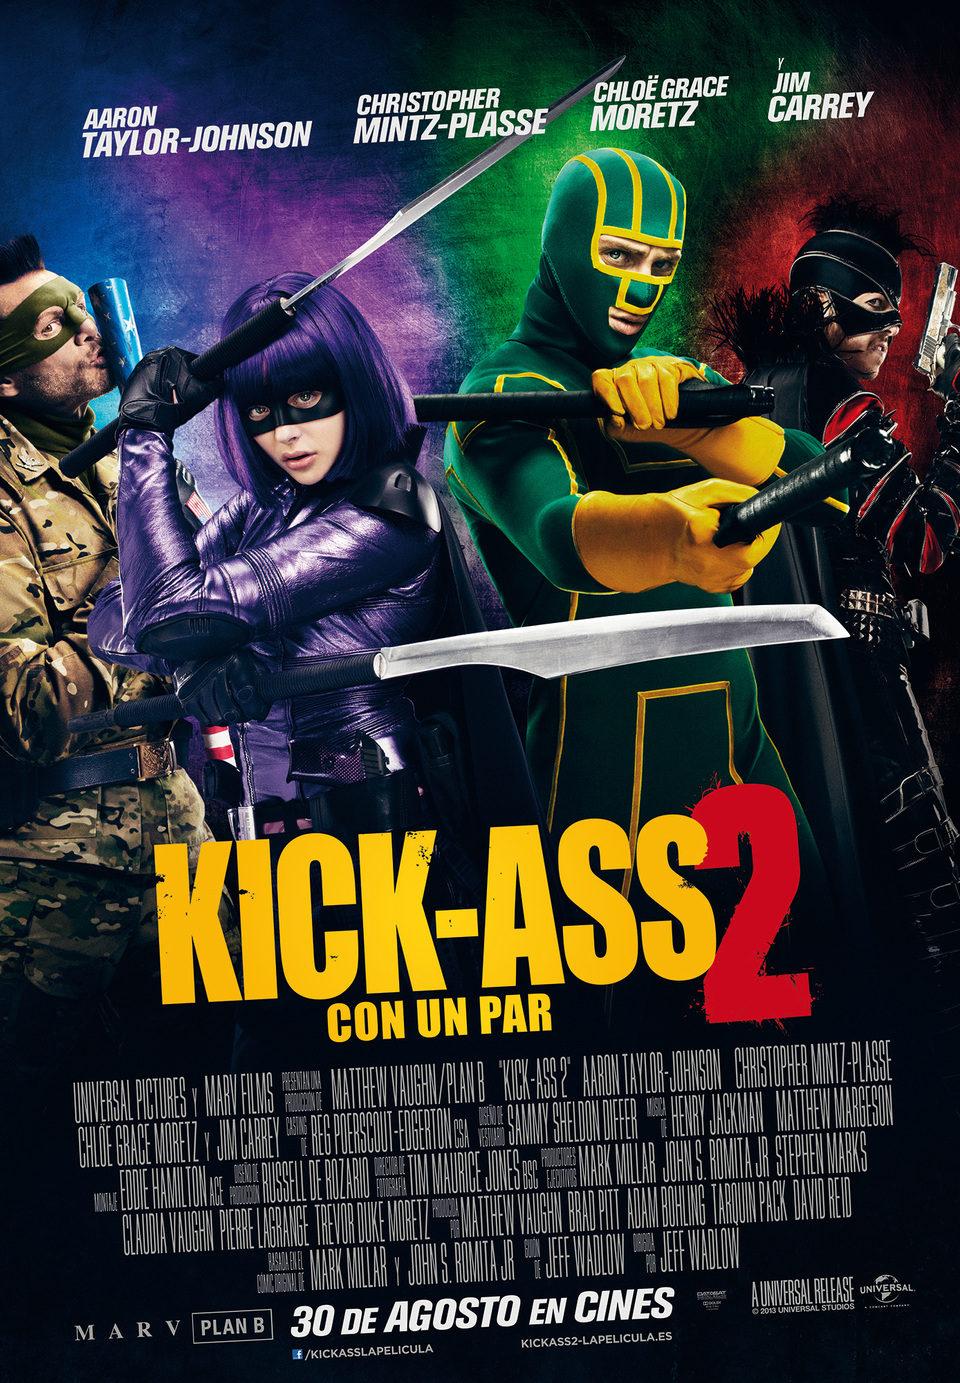 España poster for Kick-Ass 2